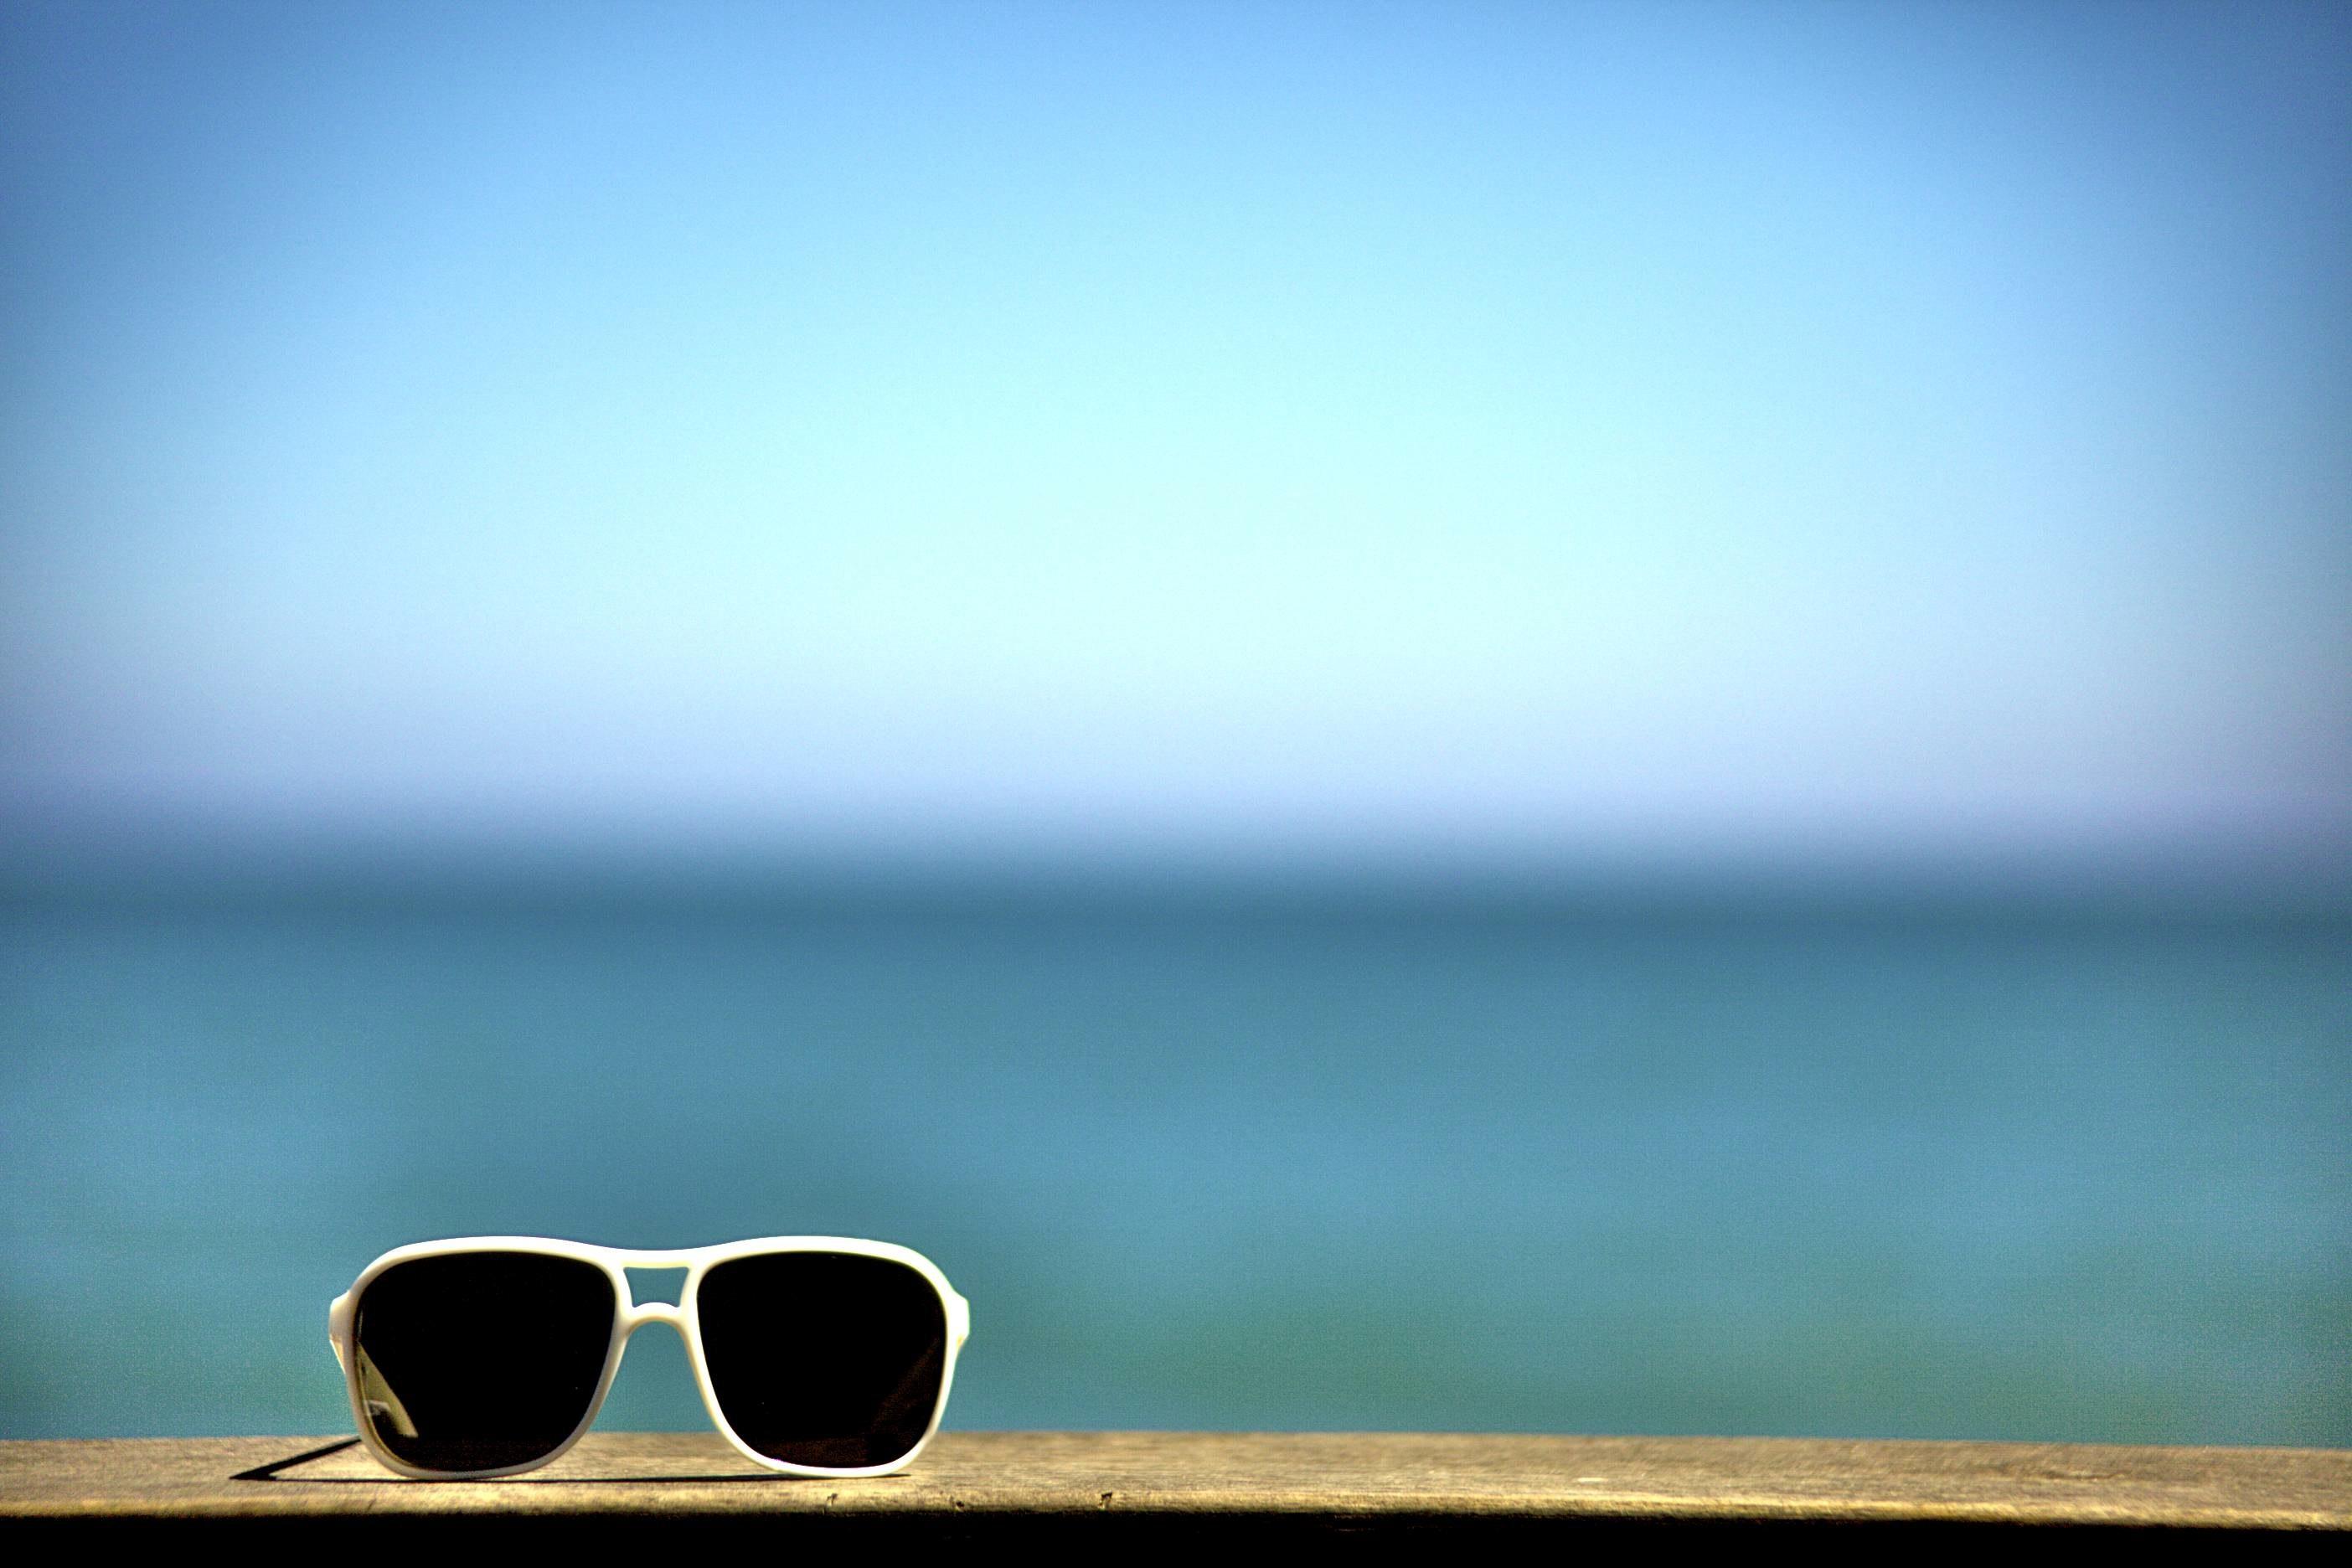 солнцезащитные очки, скачать фото, обои для рабочего стола, море, лето